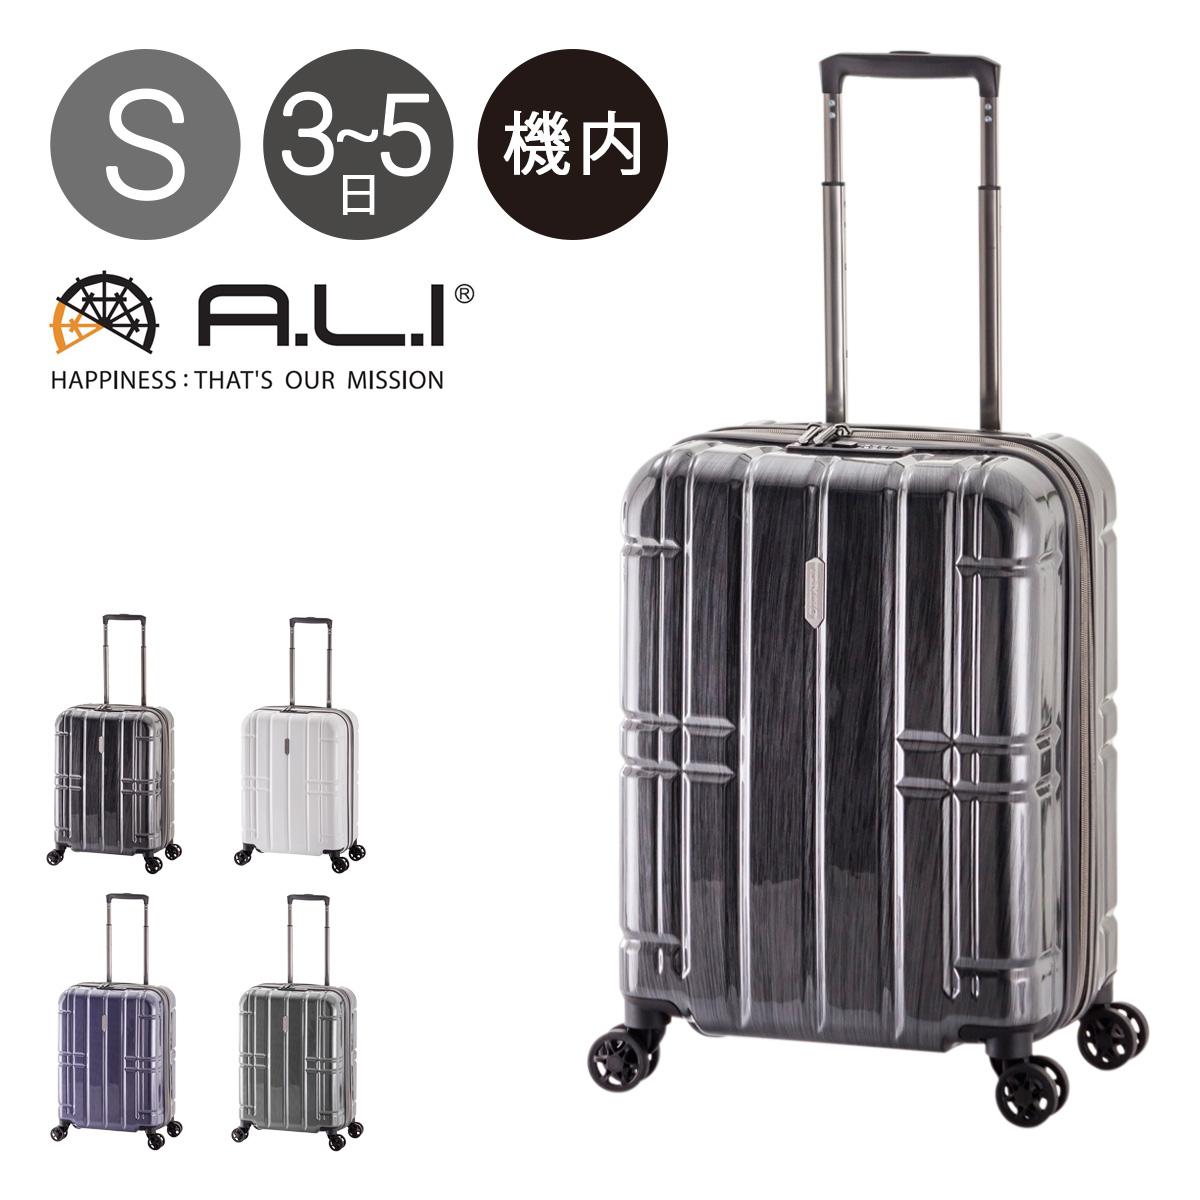 アジアラゲージ スーツケース|機内持ち込み 47L 47.5cm 2.9kg ALI-MAX185|拡張 ハード ファスナー|A.L.I AliMax|TSAロック搭載 キャリーバッグ キャリーケース[PO10][bef]